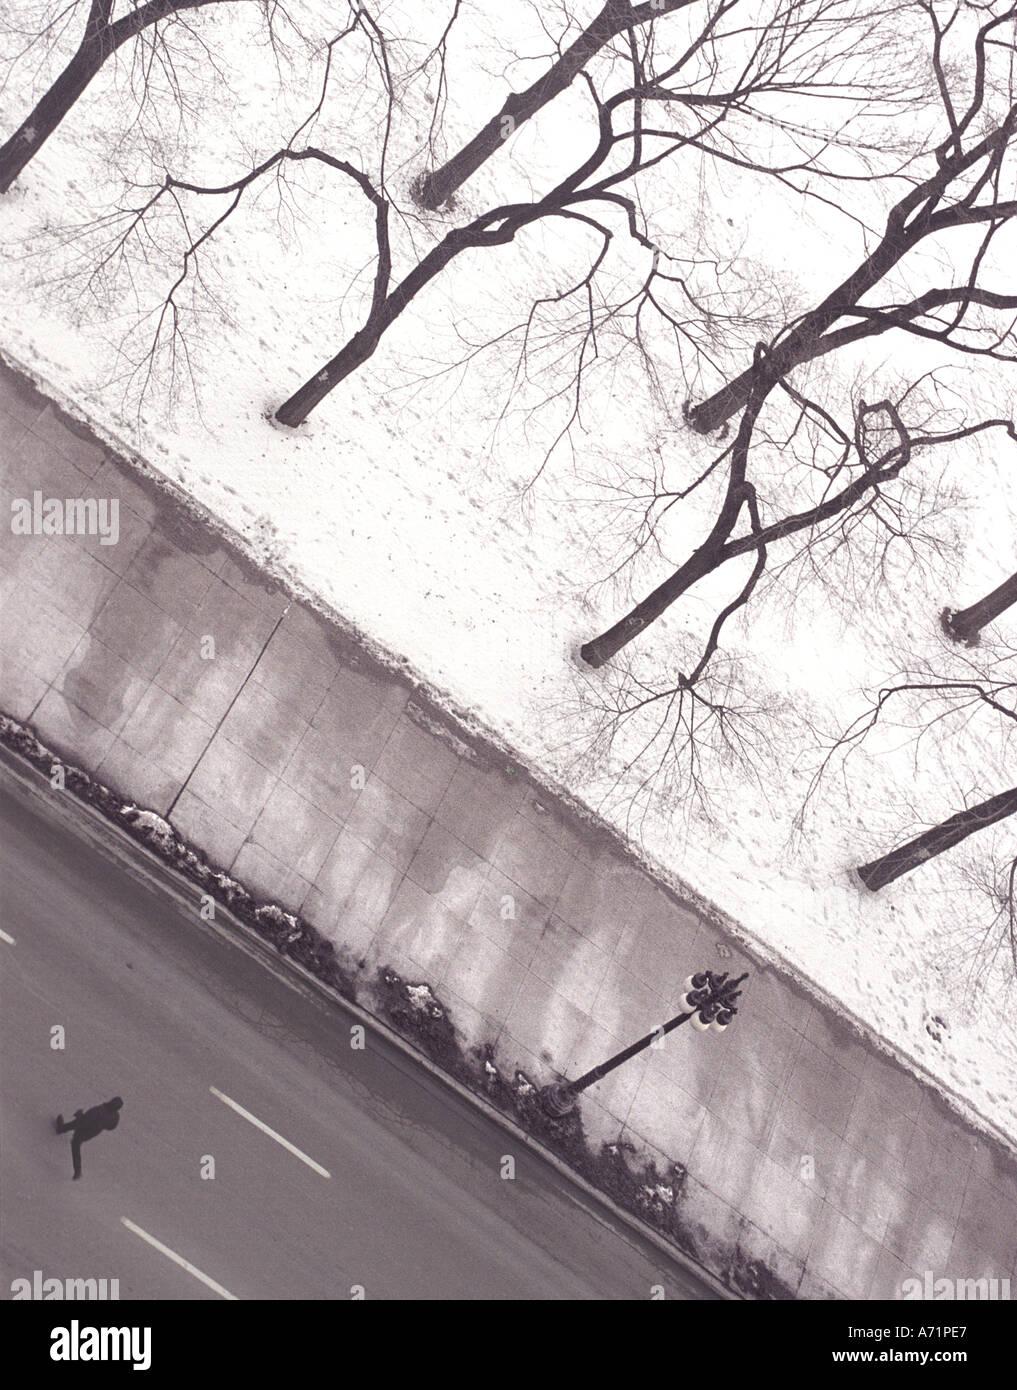 Mann läuft über Straße (Michigan Avenue) an einem winterlichen Tag in Chicago USA Stockbild